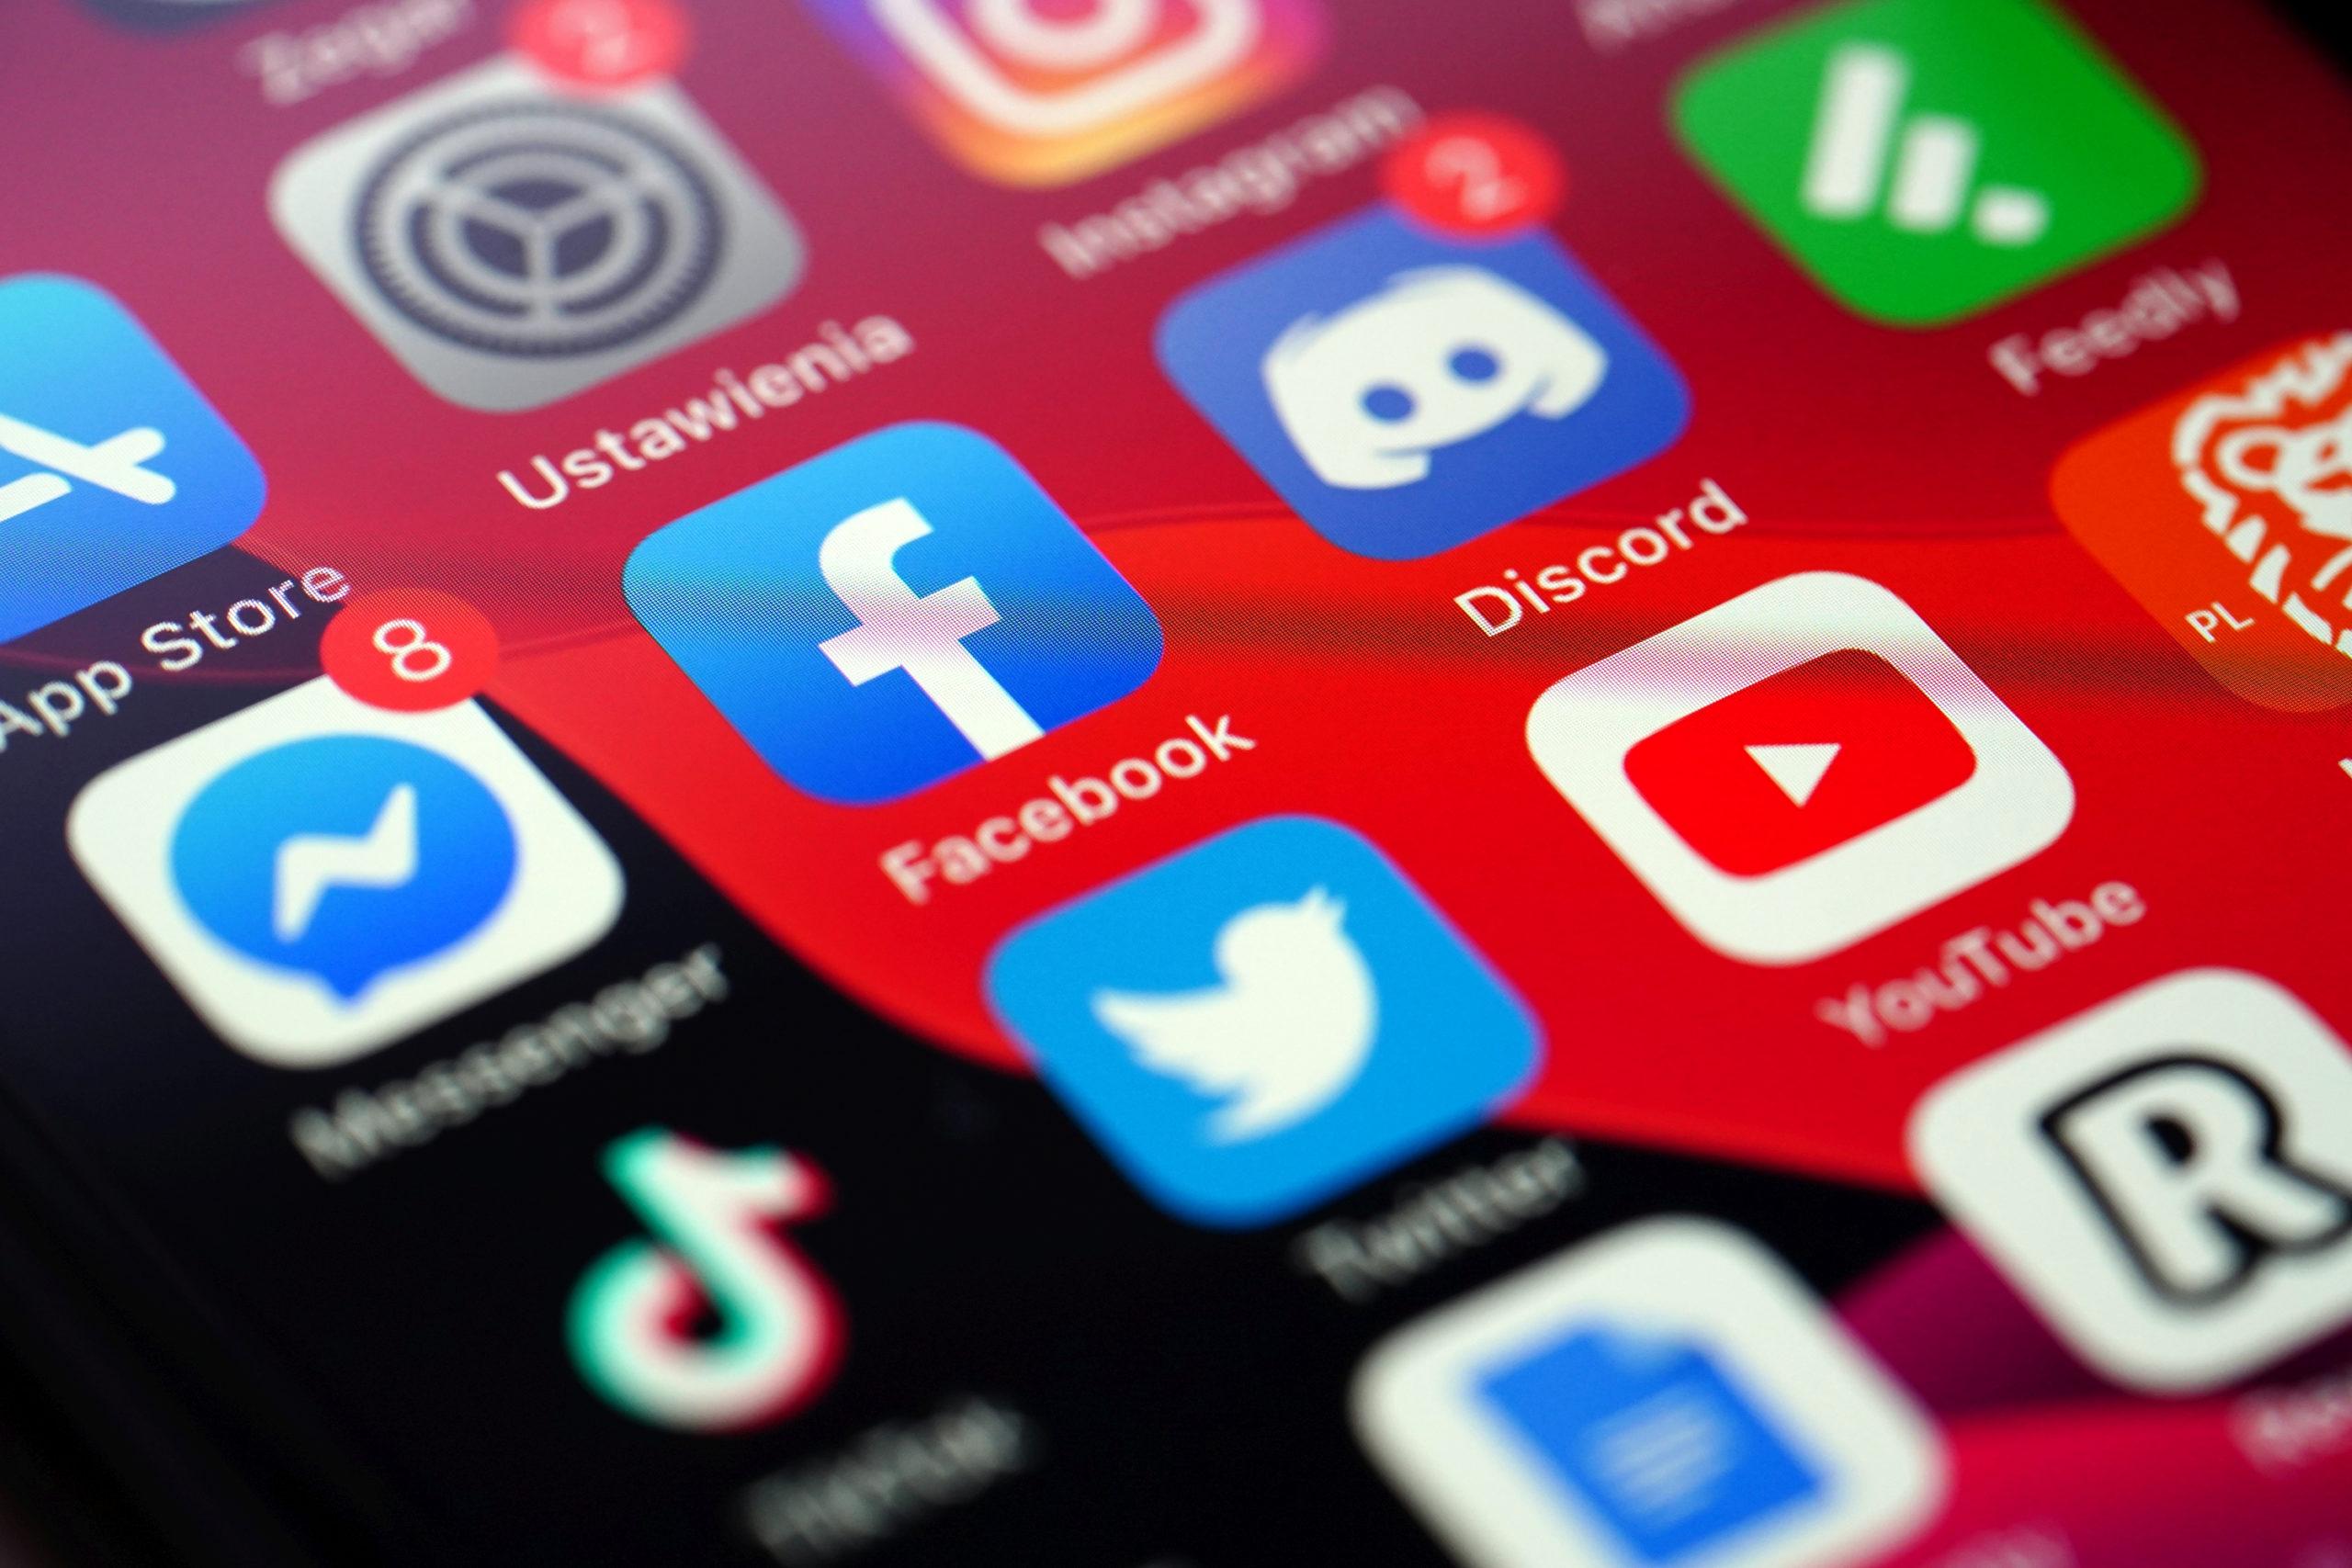 Facebook zaczął kopiować konkurencję, bo obawiał się szybkiego rozwoju startupów 17